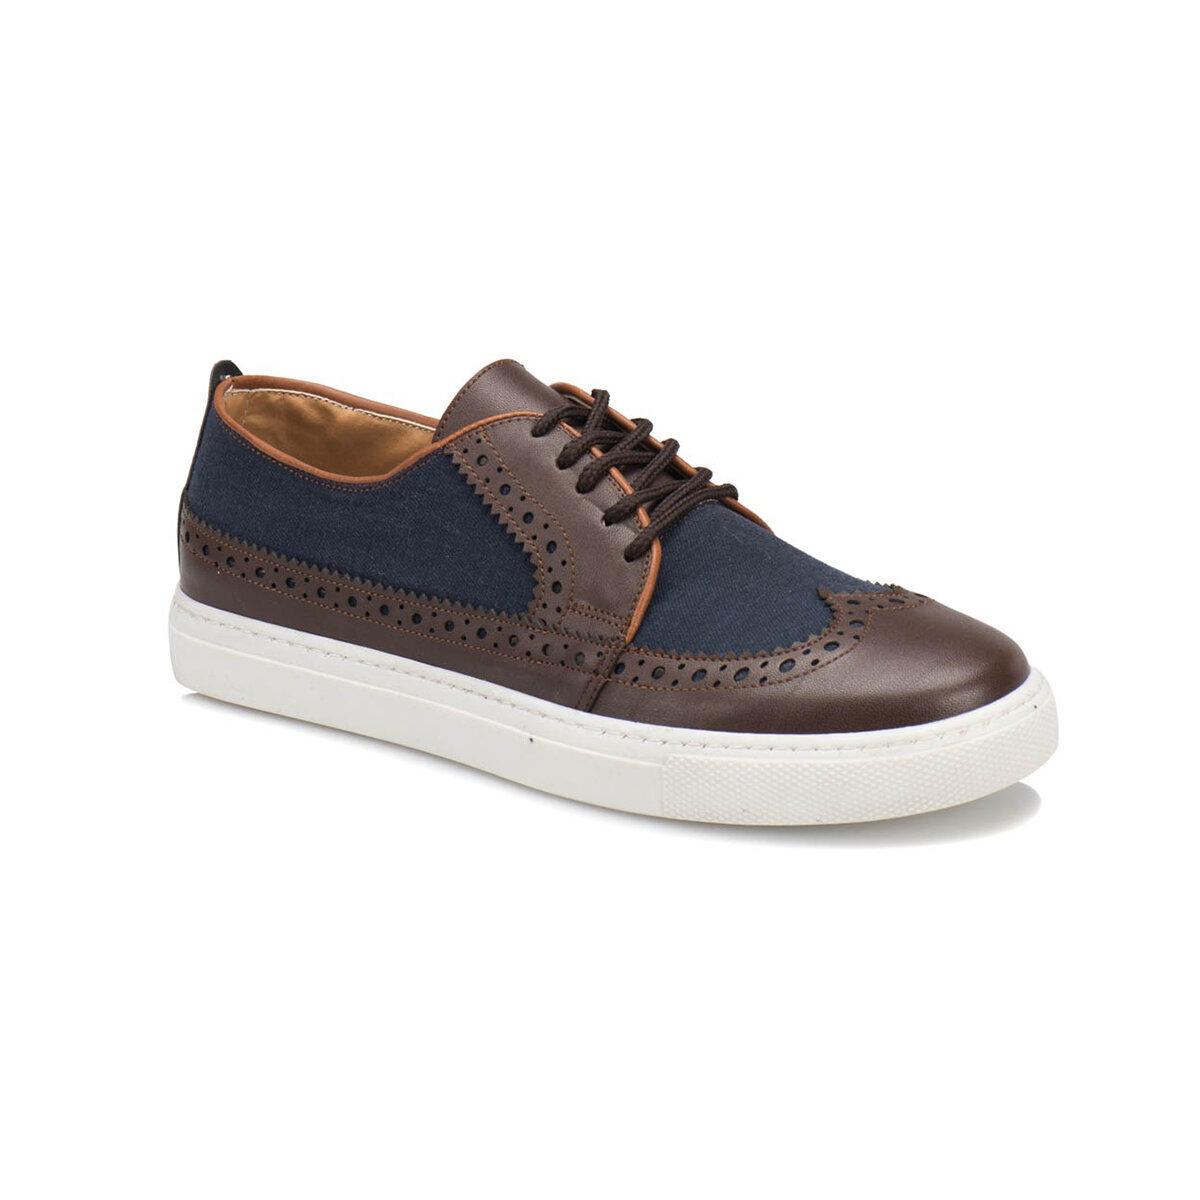 Kahverengi Erkek Çocuk Ayakkabı YK549